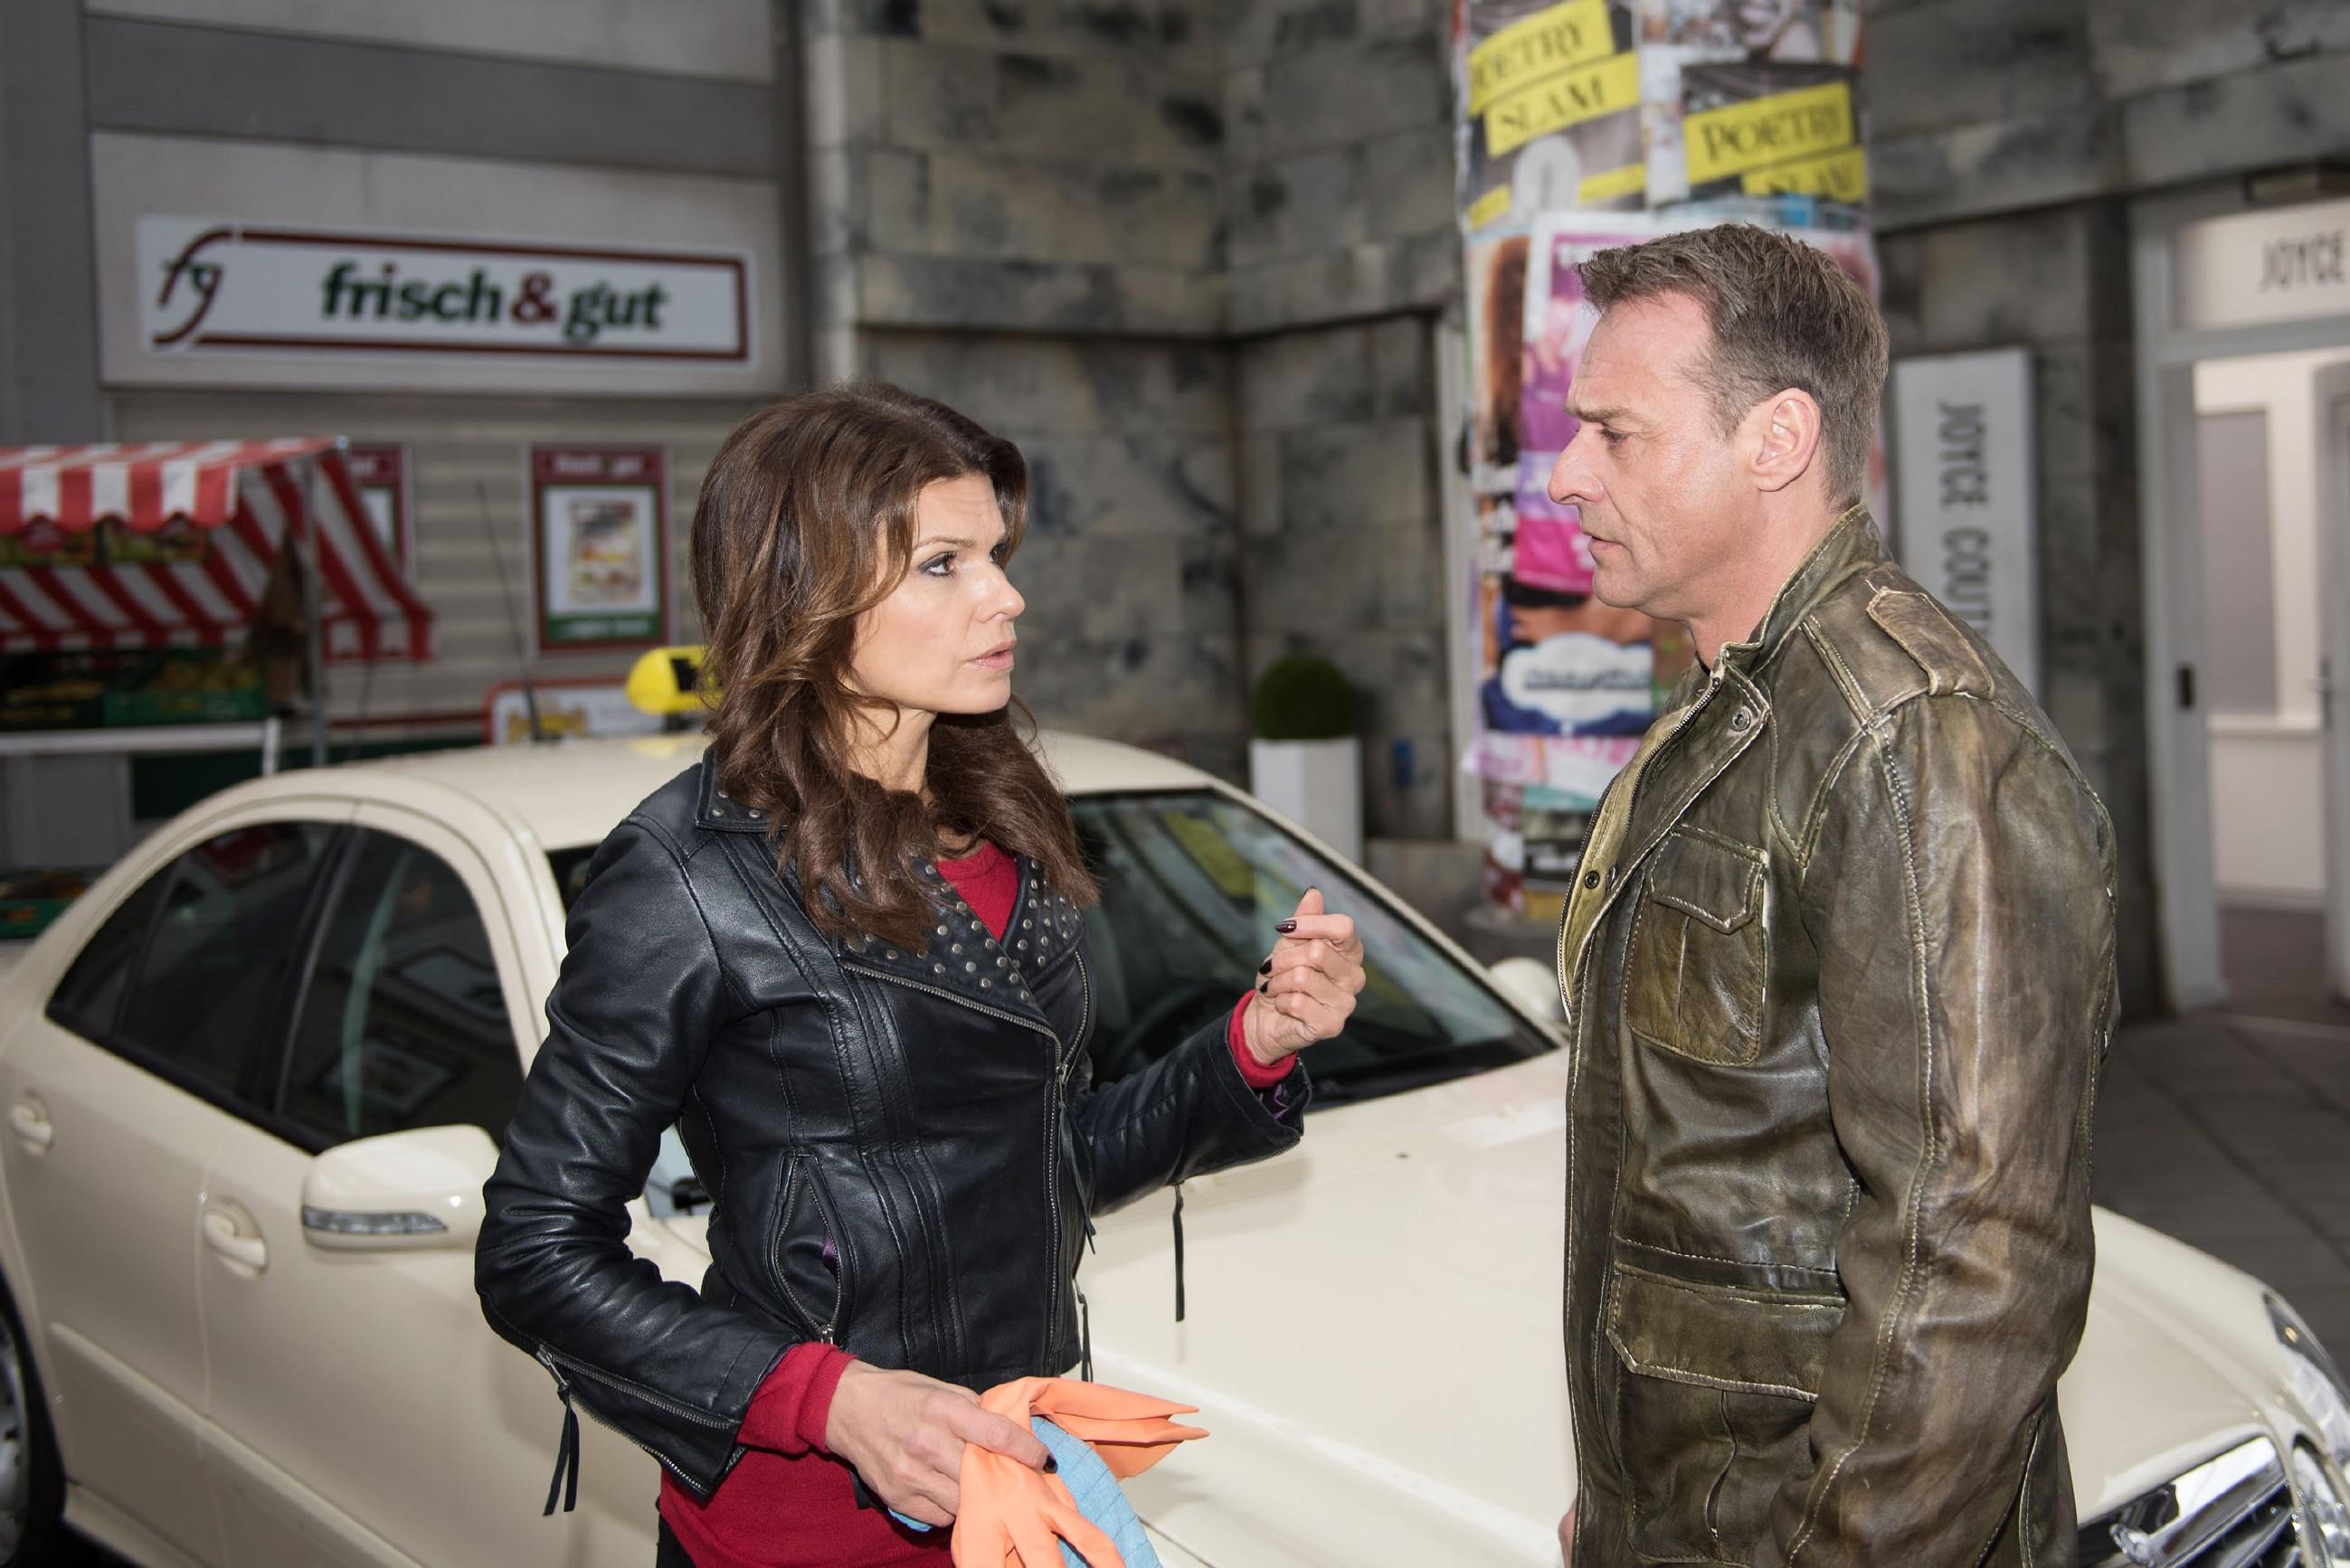 Als Britta (Tabea Heynig) erkennt, dass Rufus (Kai Noll) offenbar selbst nicht ahnt, der Unfallfahrer zu sein, beschließt sie, ihn vor der Polizei schützen. (RTL / Stefan Behrens)